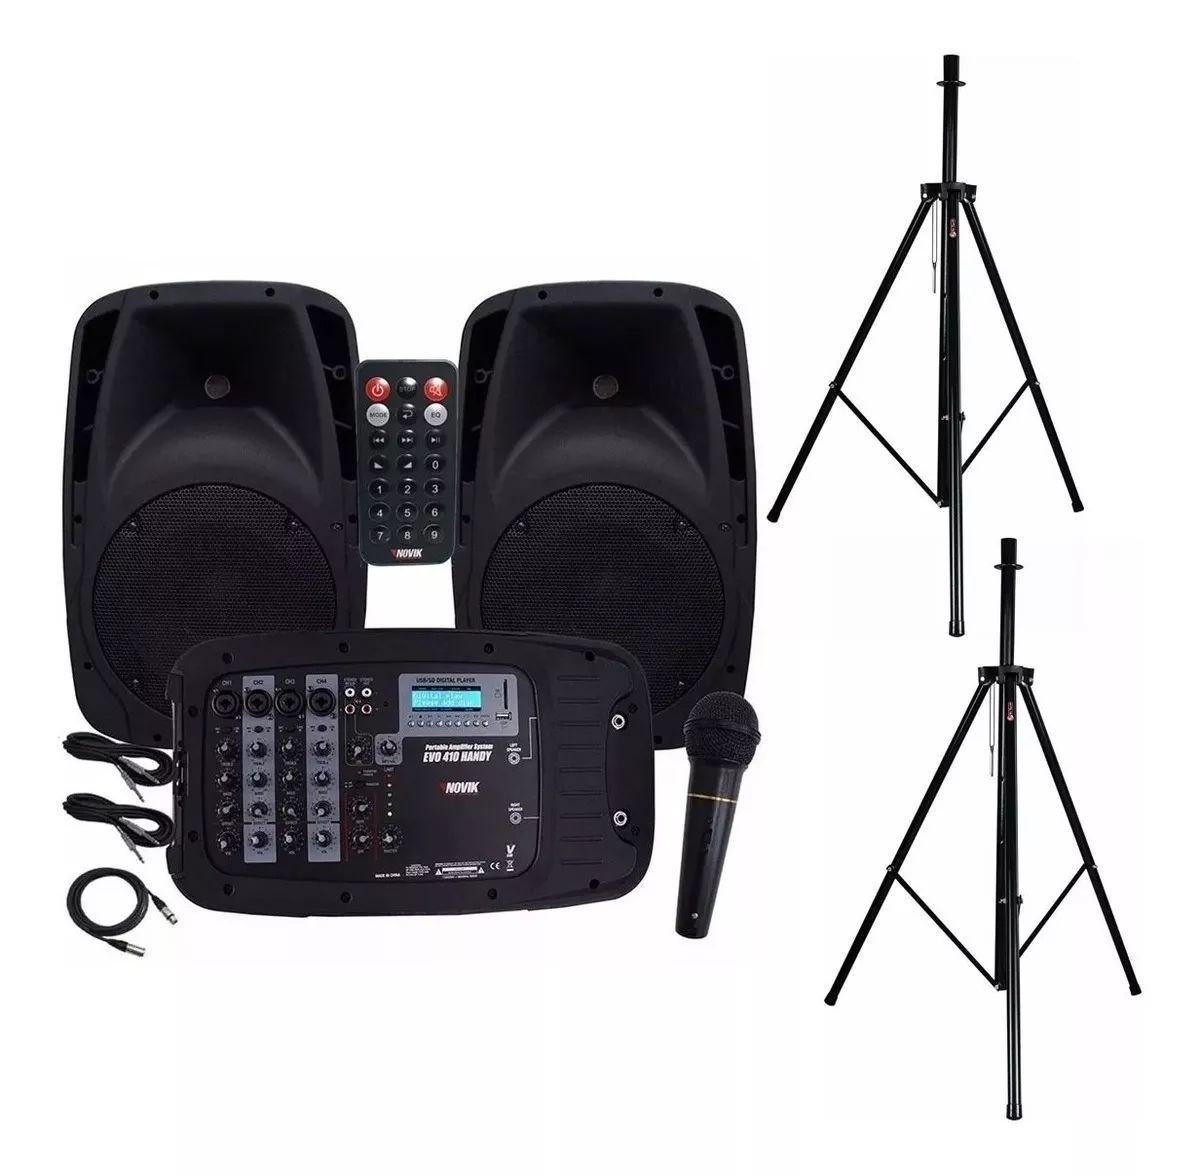 Kit de Caixas de Som Novik EVO 410 Bluetooth/USB/SD, 2 Caixas 300W RMS + Mesa 4 canais + Microfone + Cabos + tripés